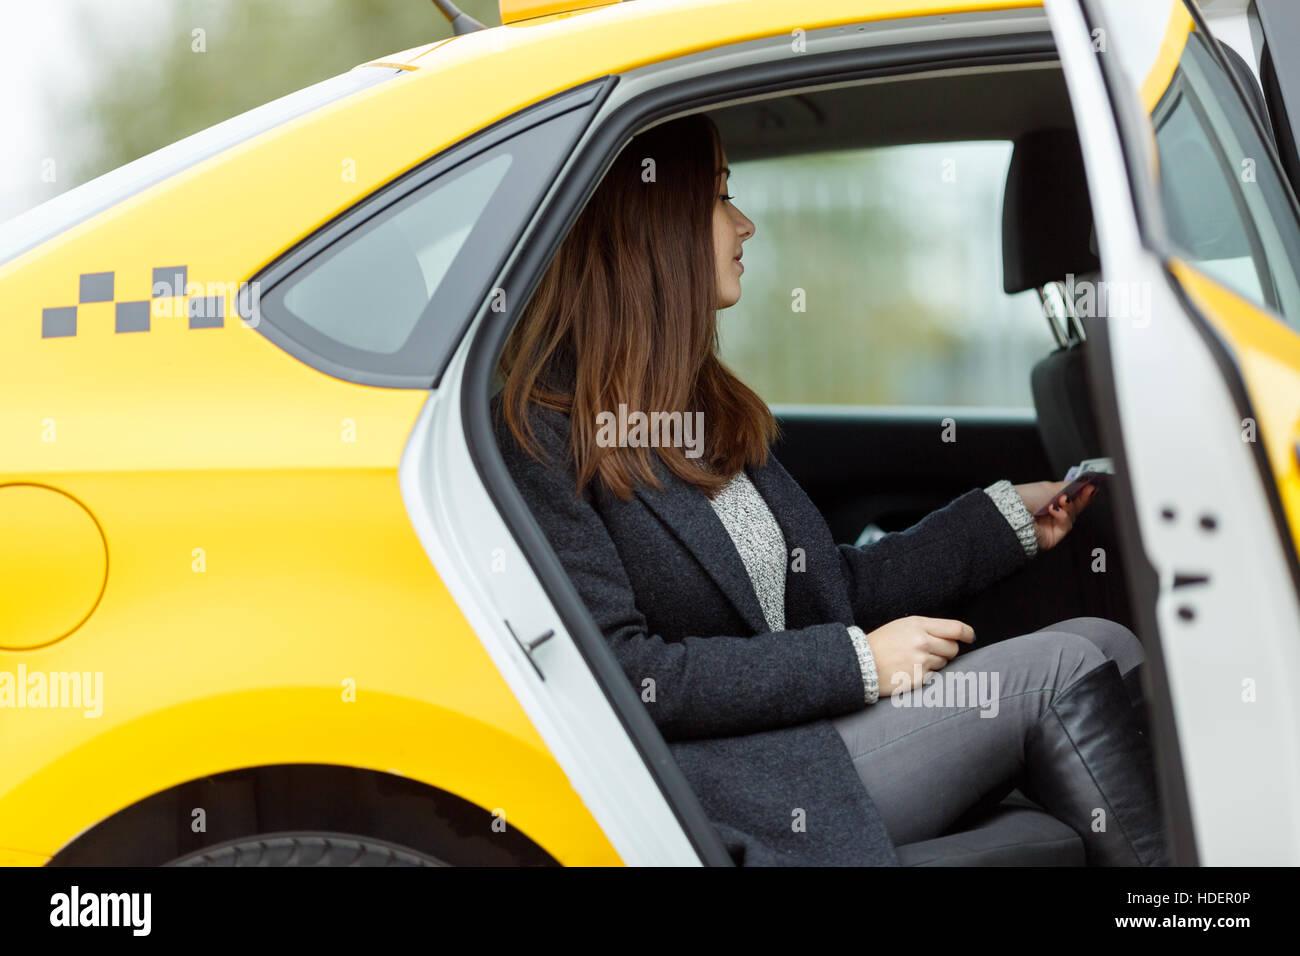 Фак такси секс, FakeTaxi - смотреть порно онлайн в HD 10 фотография